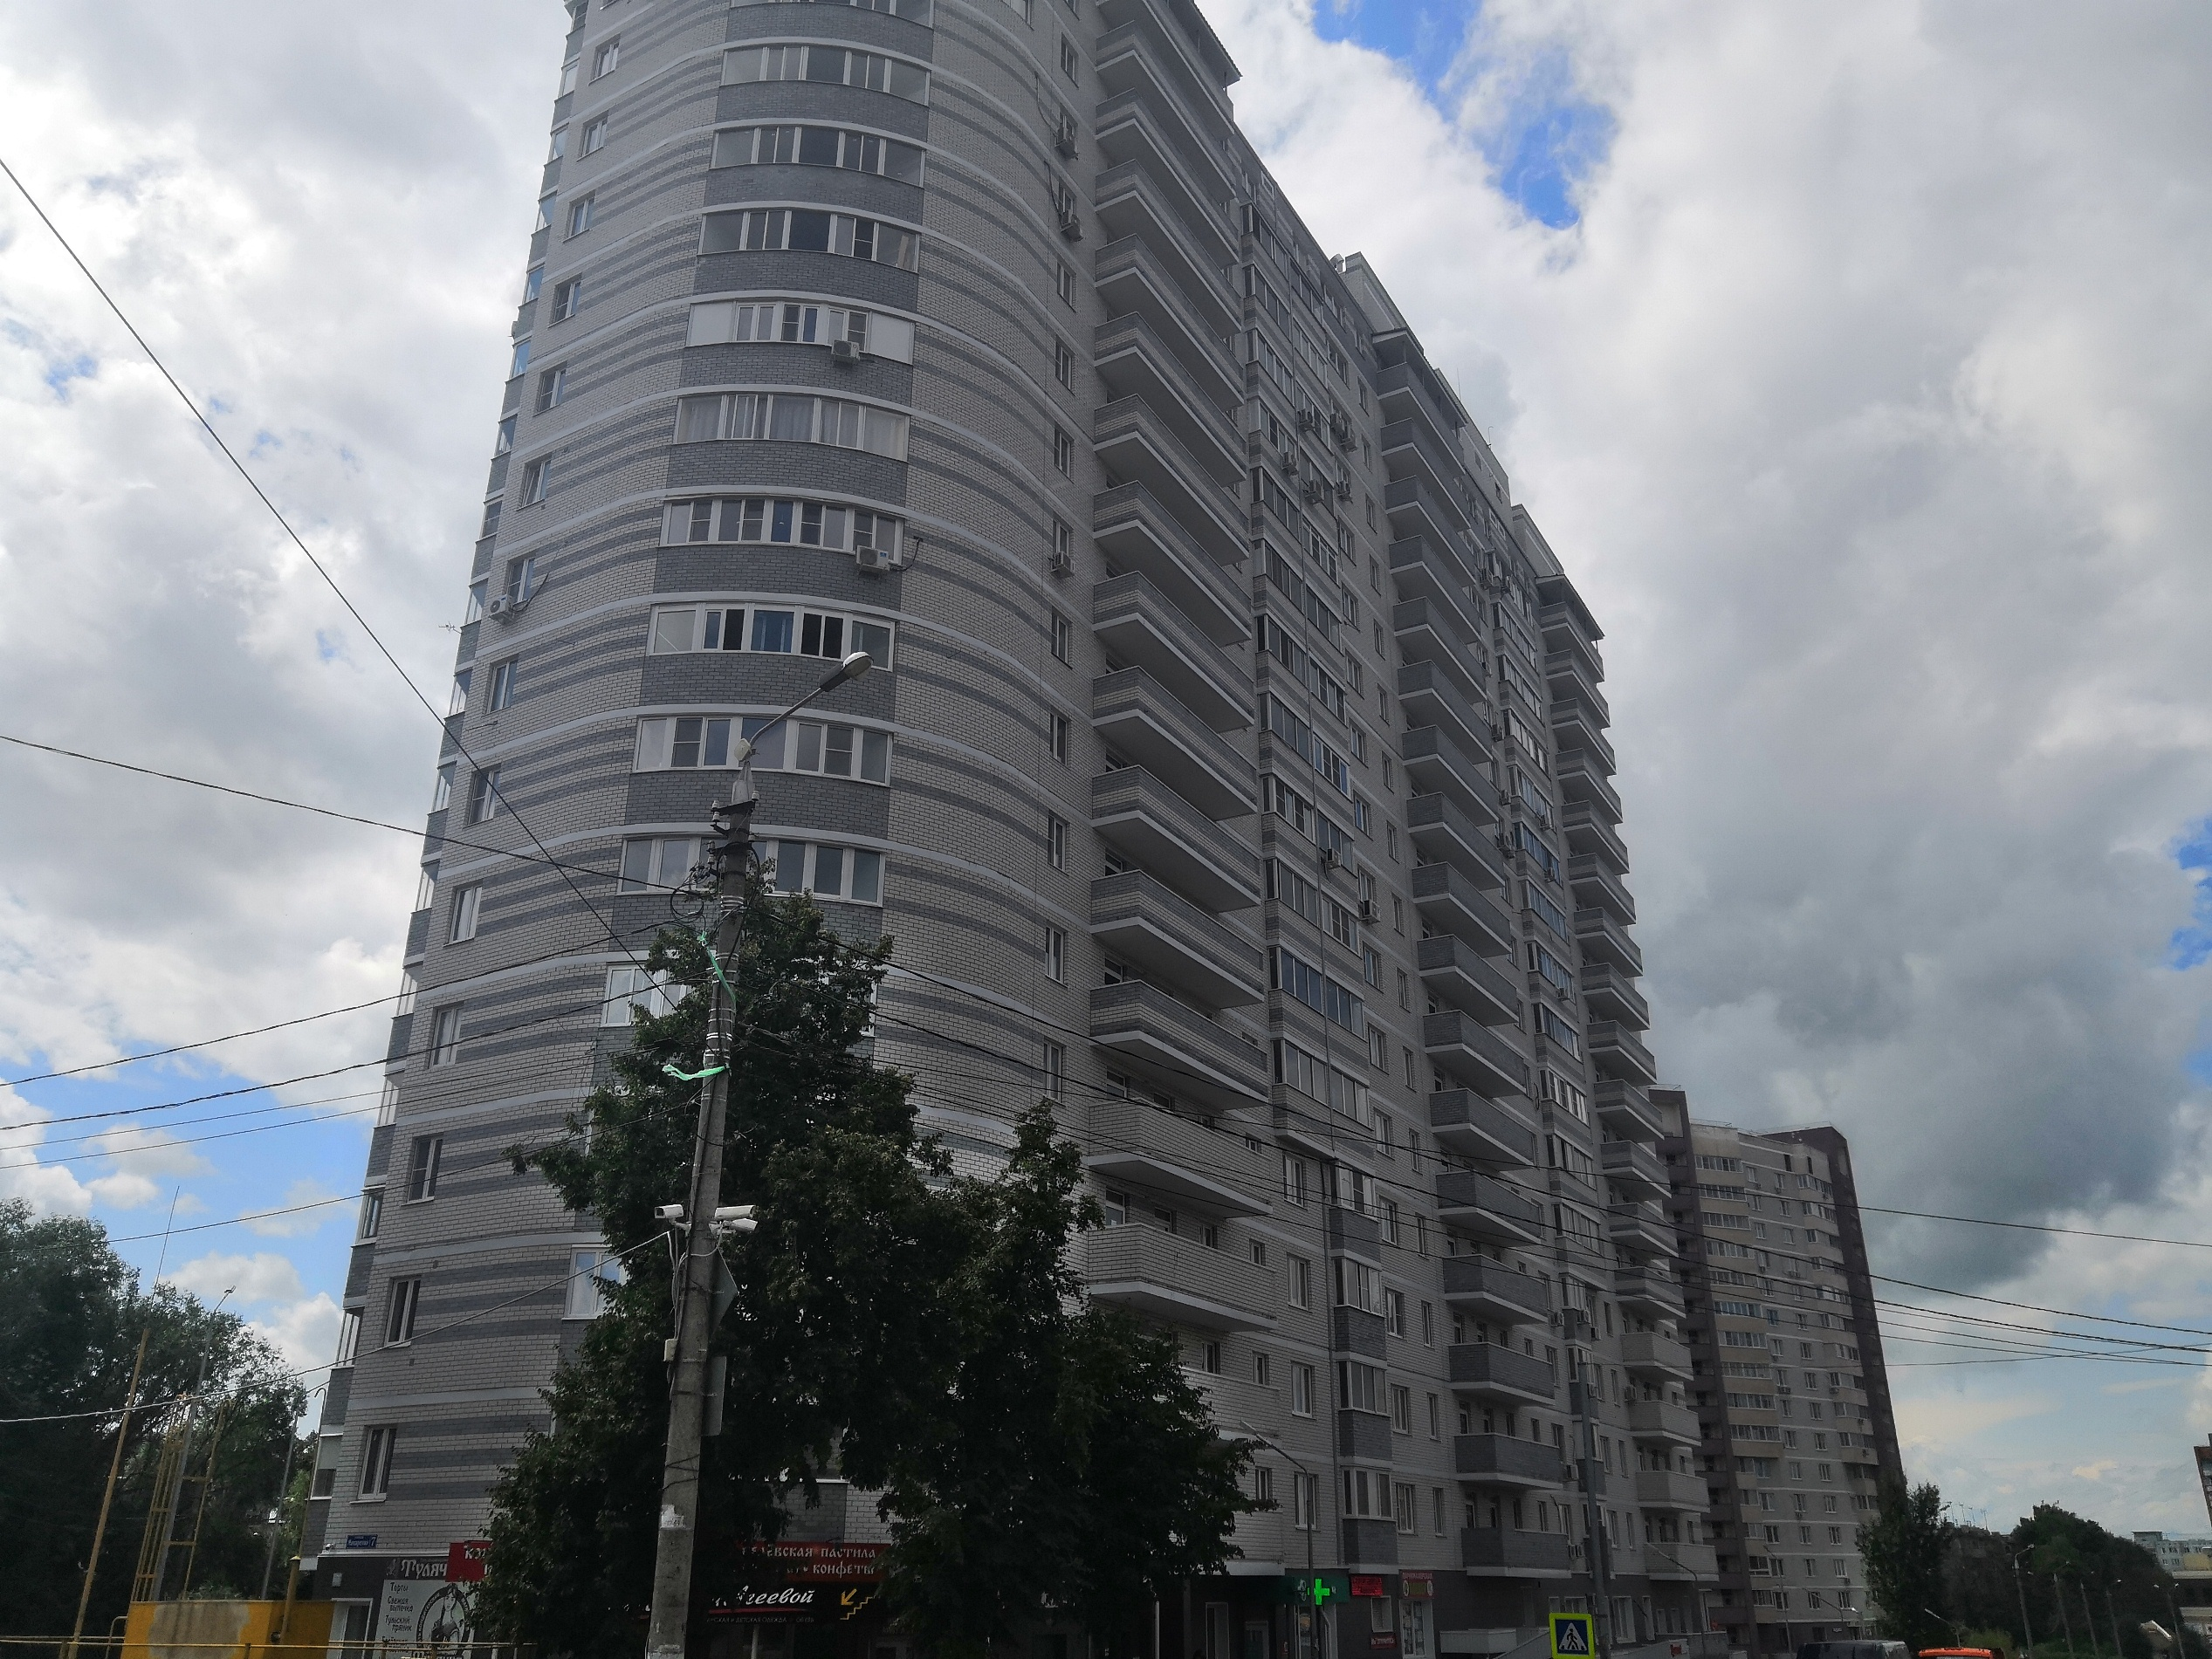 Фотографии домов ЖК МАКАРЕНКО по улице Макаренко 7 г. Тула. ООО МАКстрой